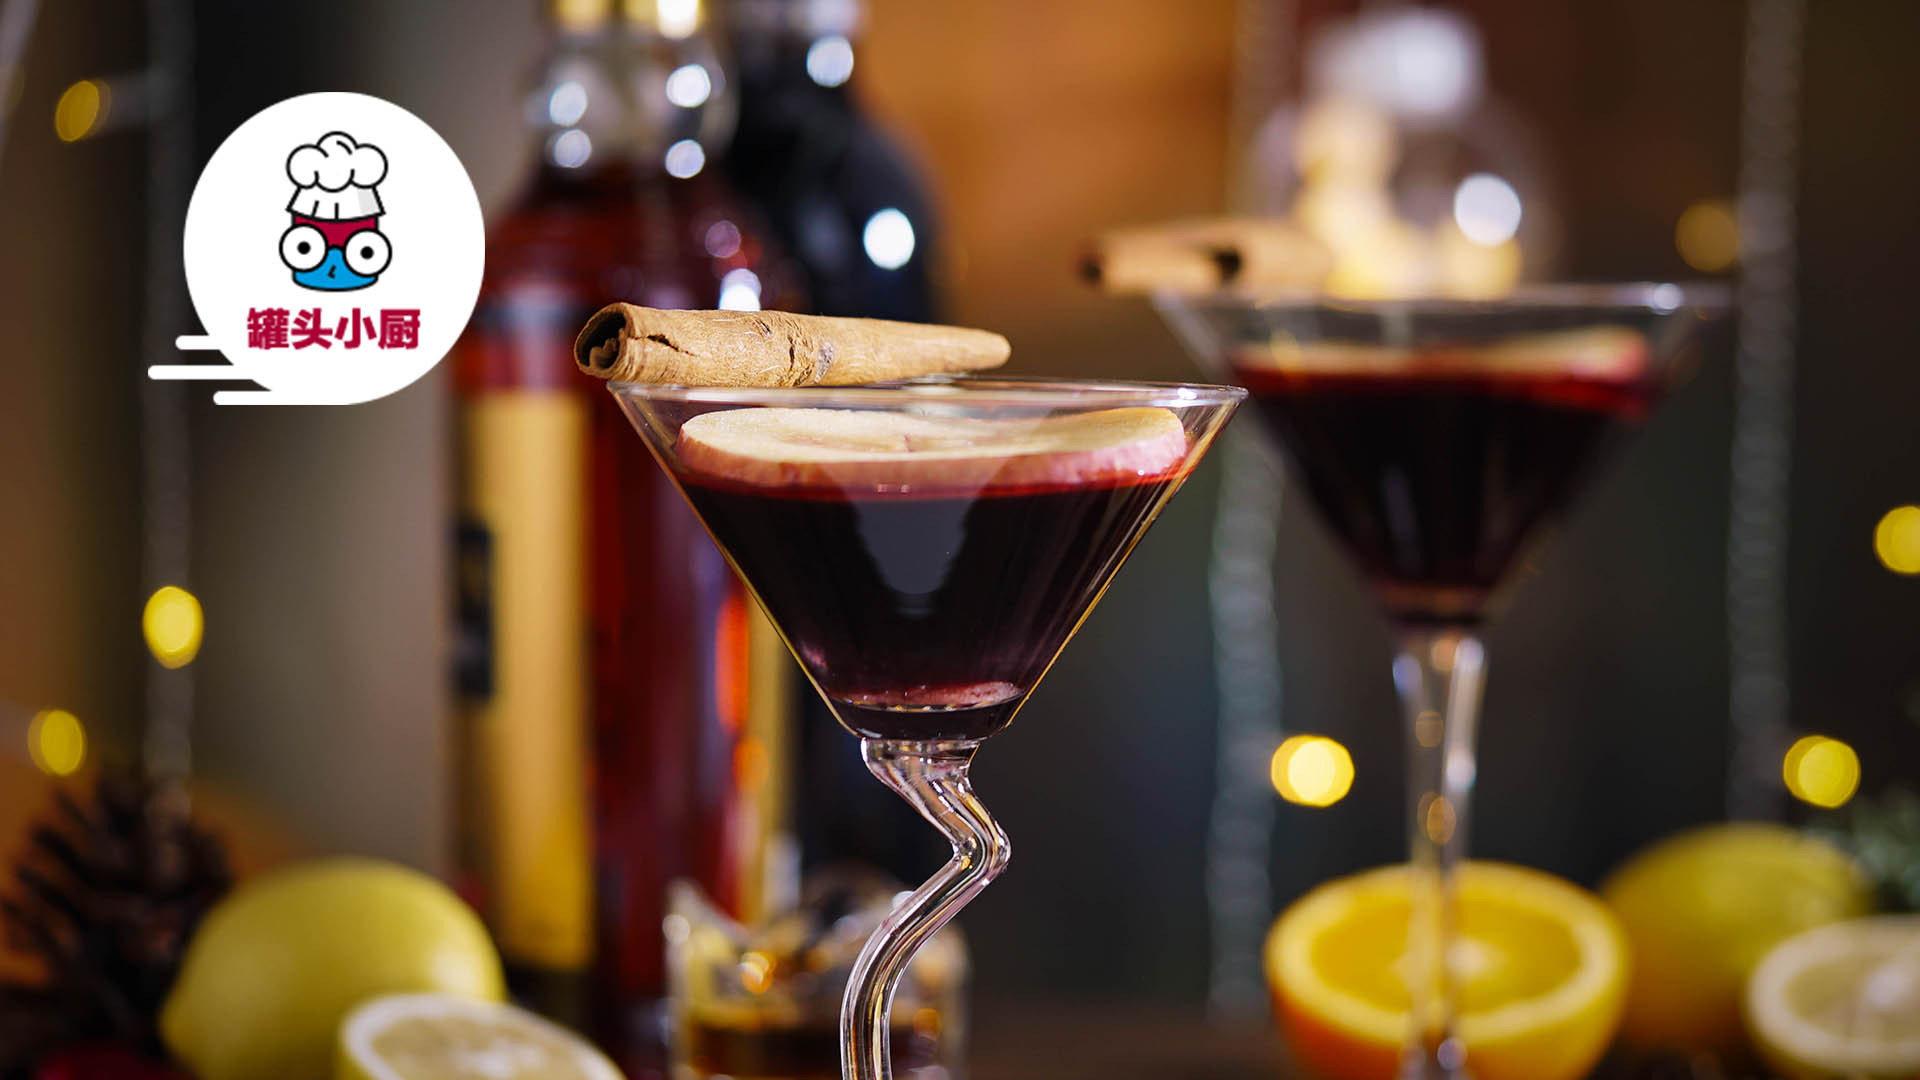 重要提示!据说这杯热红酒会喷火